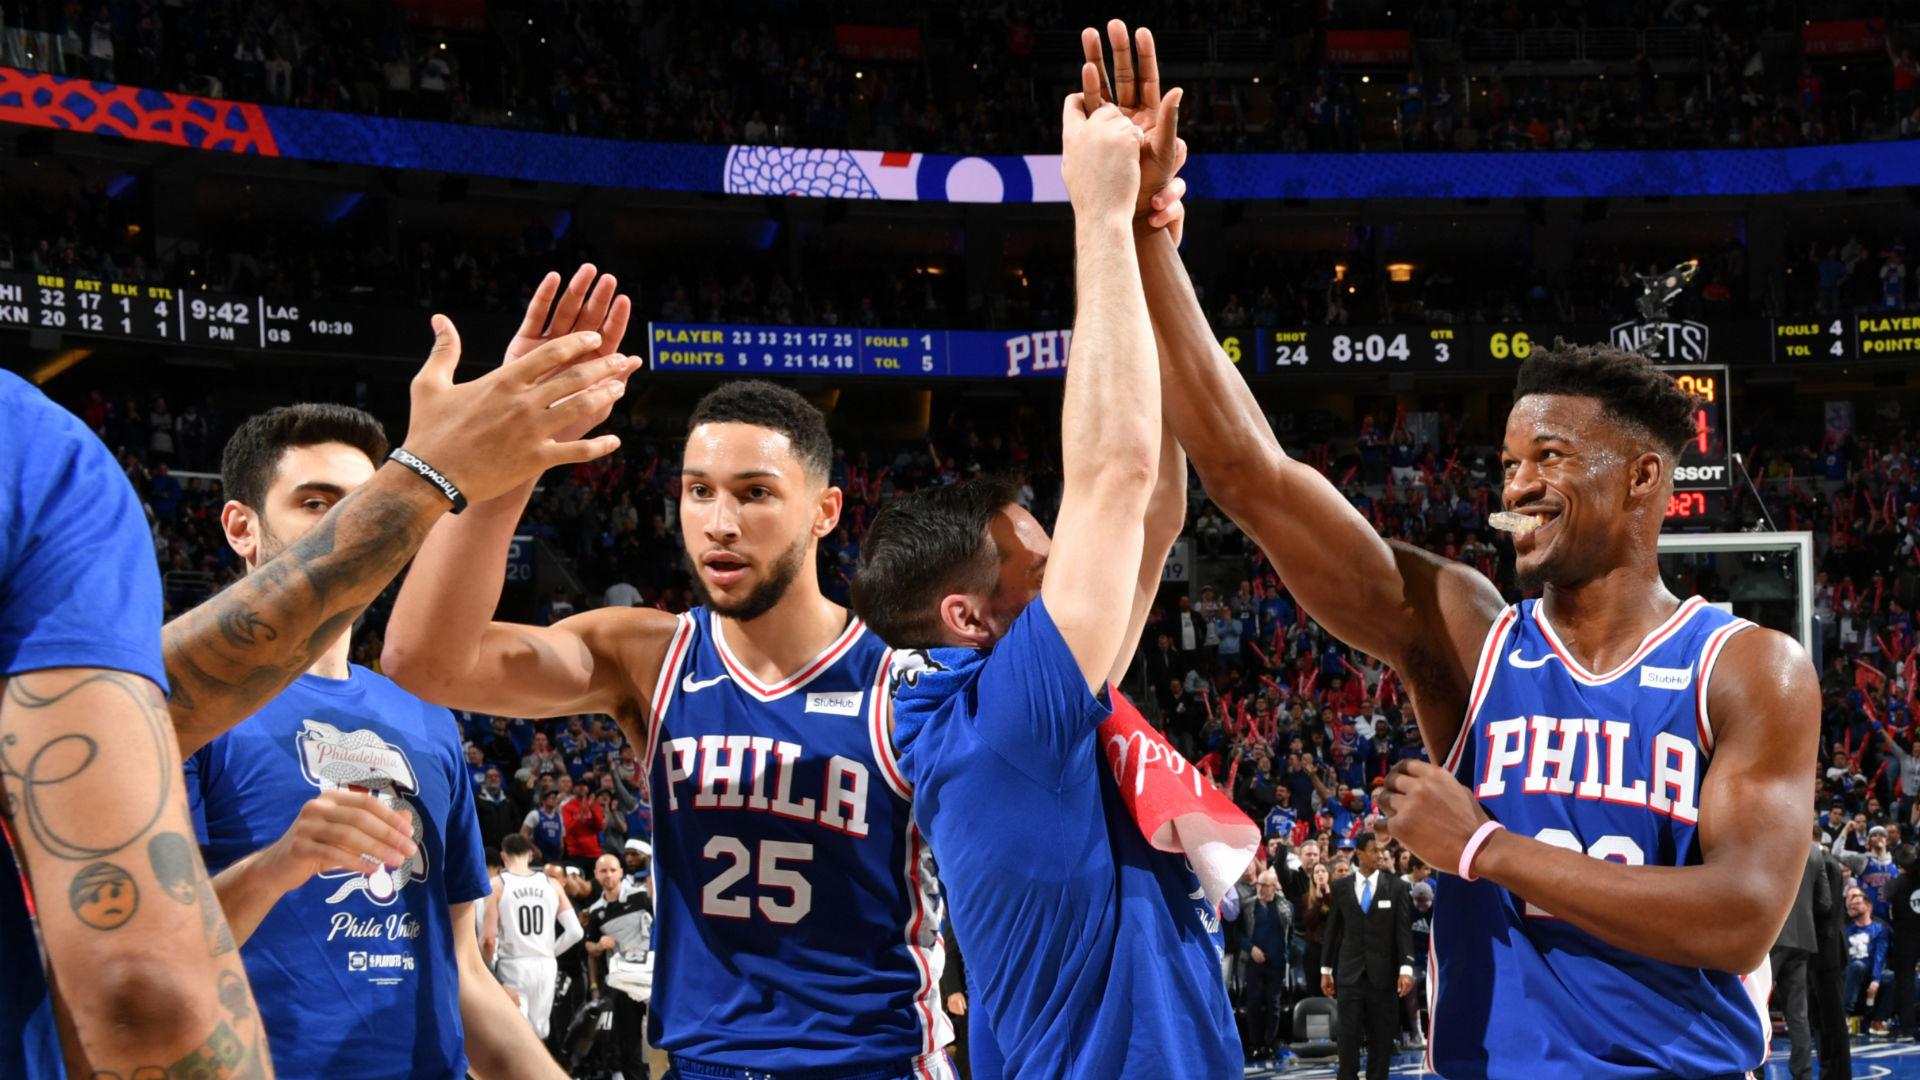 Clippers sorprende los warriors con remontada de 31 puntos